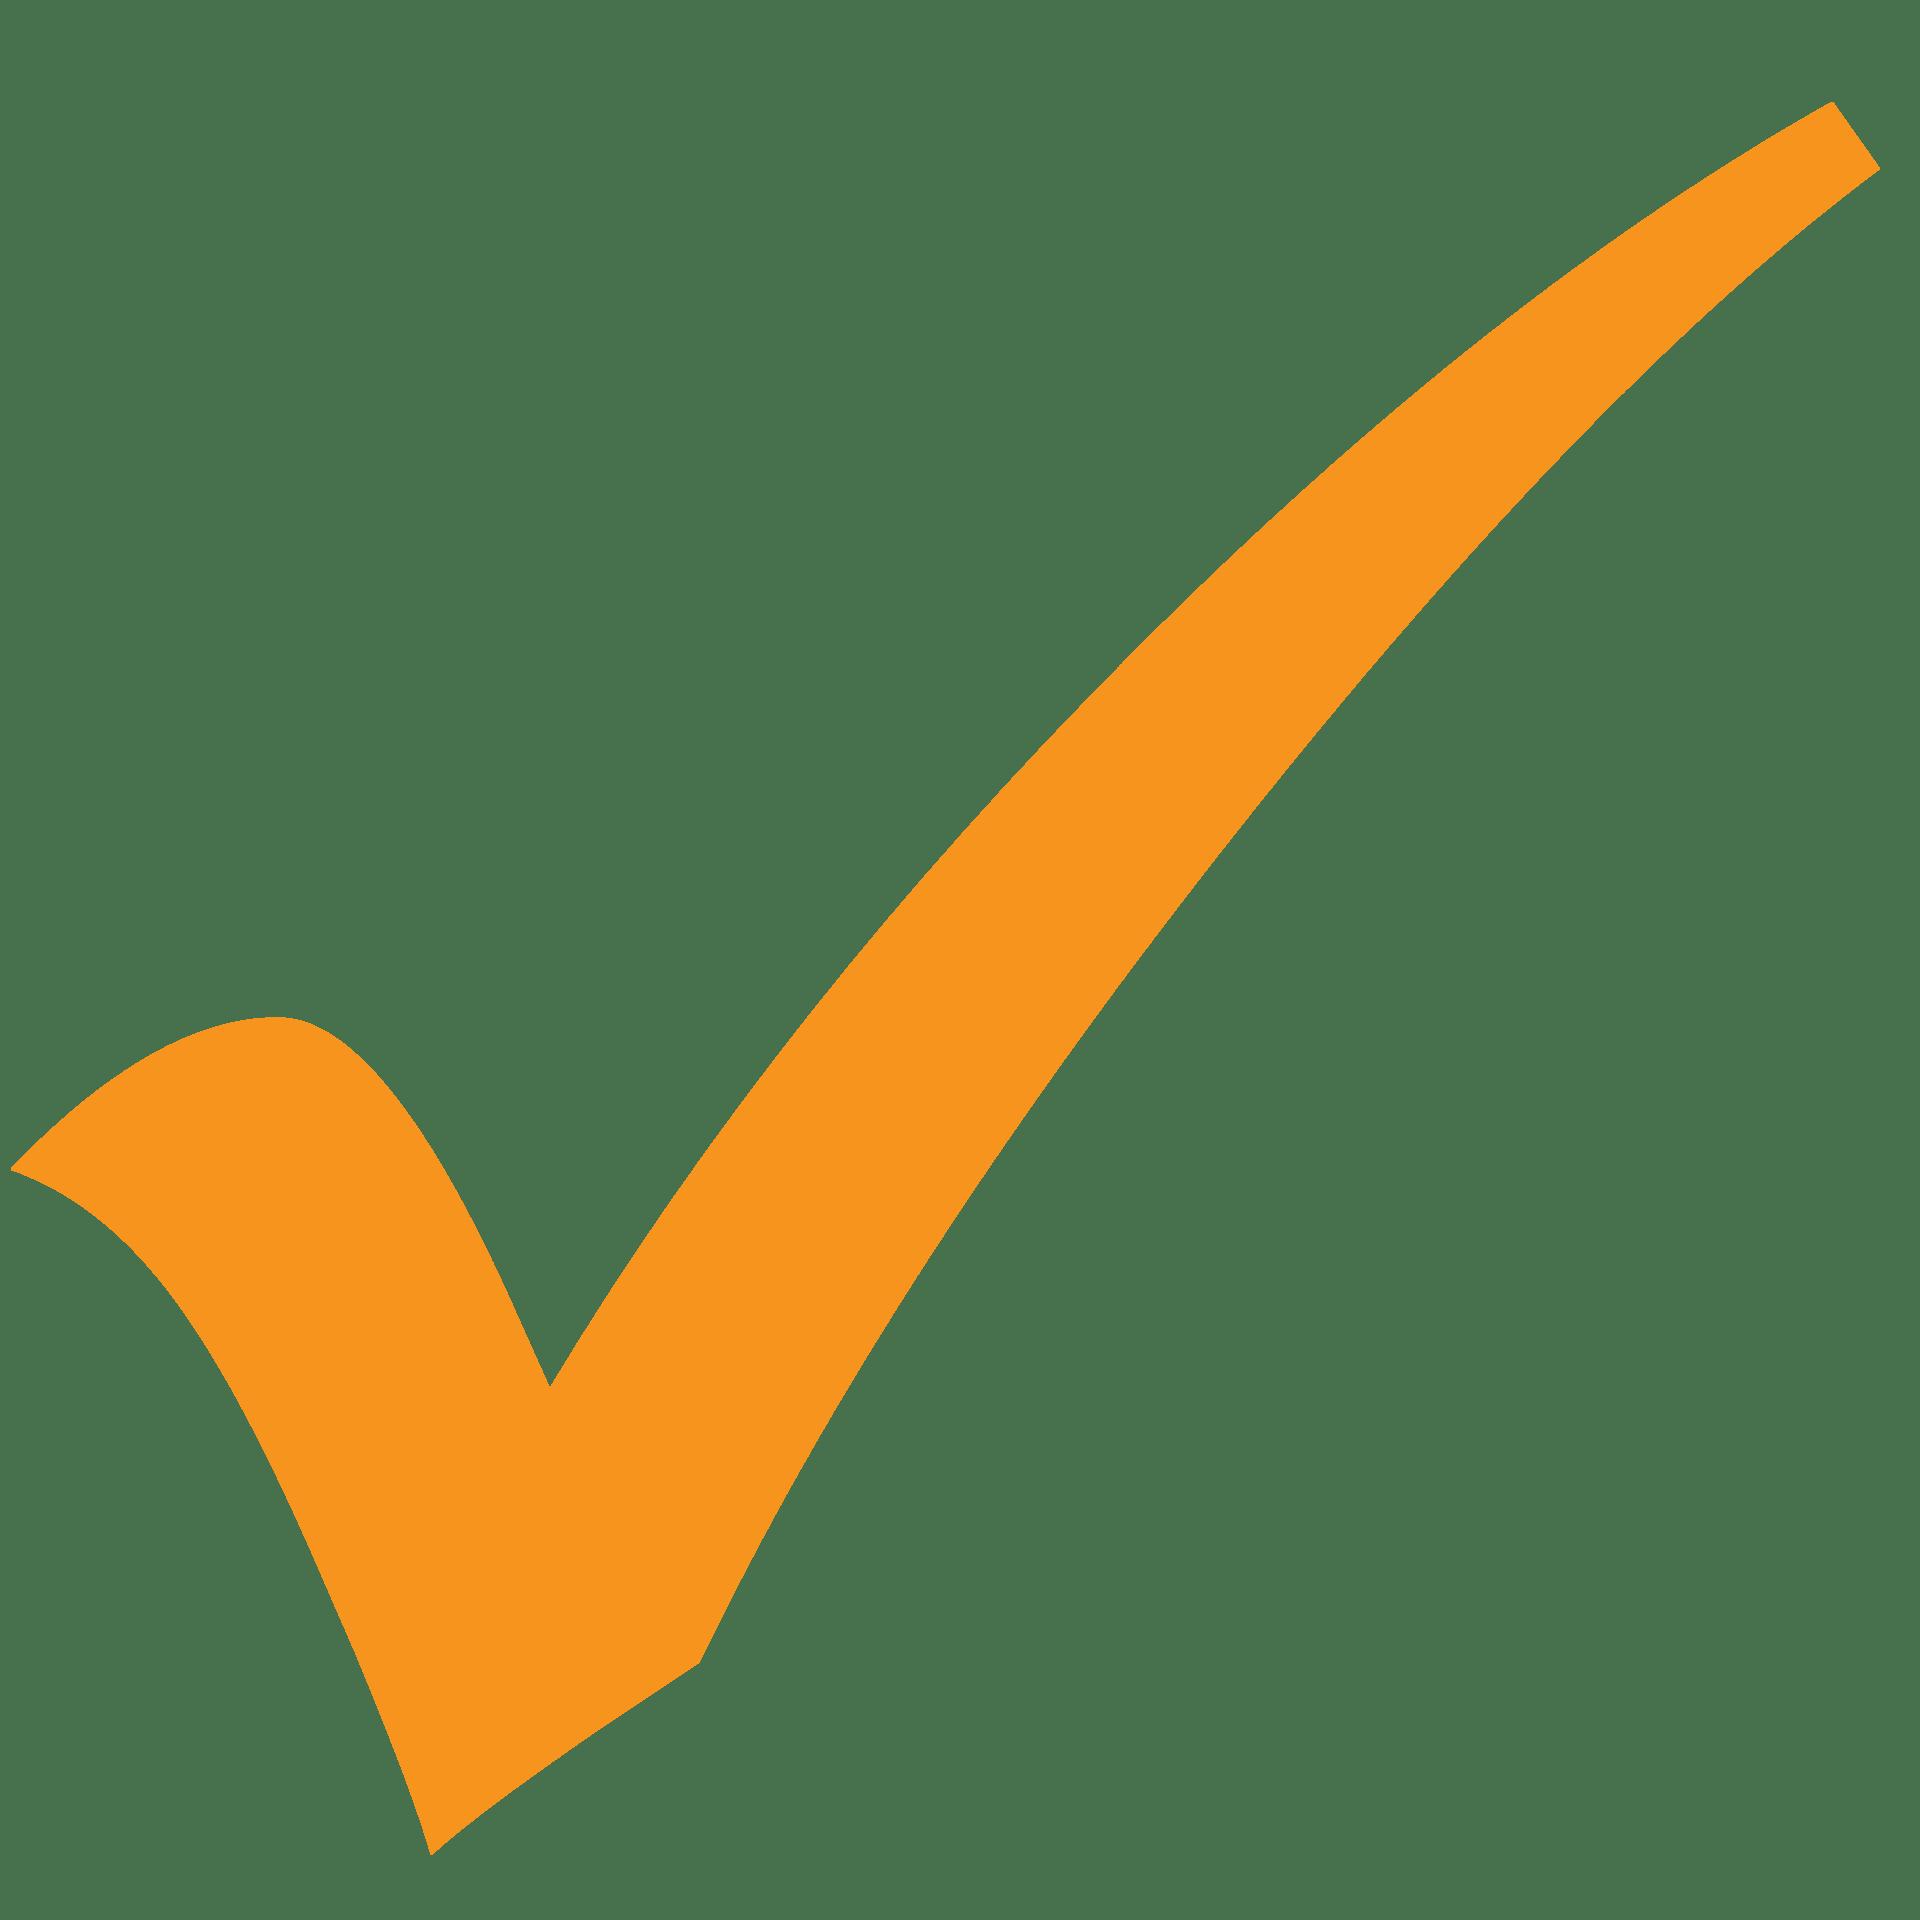 checkmark in orange